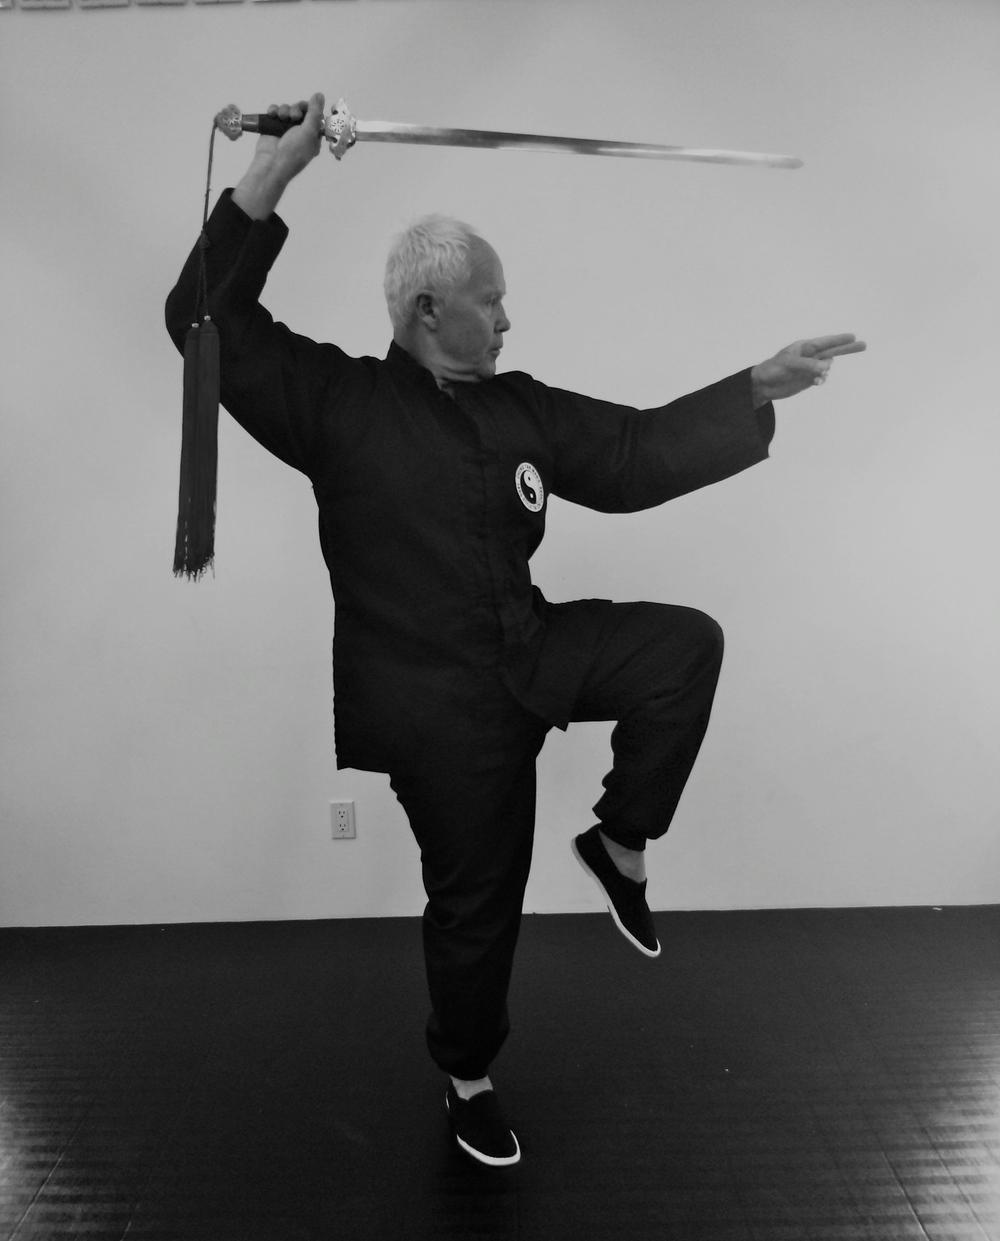 Master-Sifu Howard Ketola